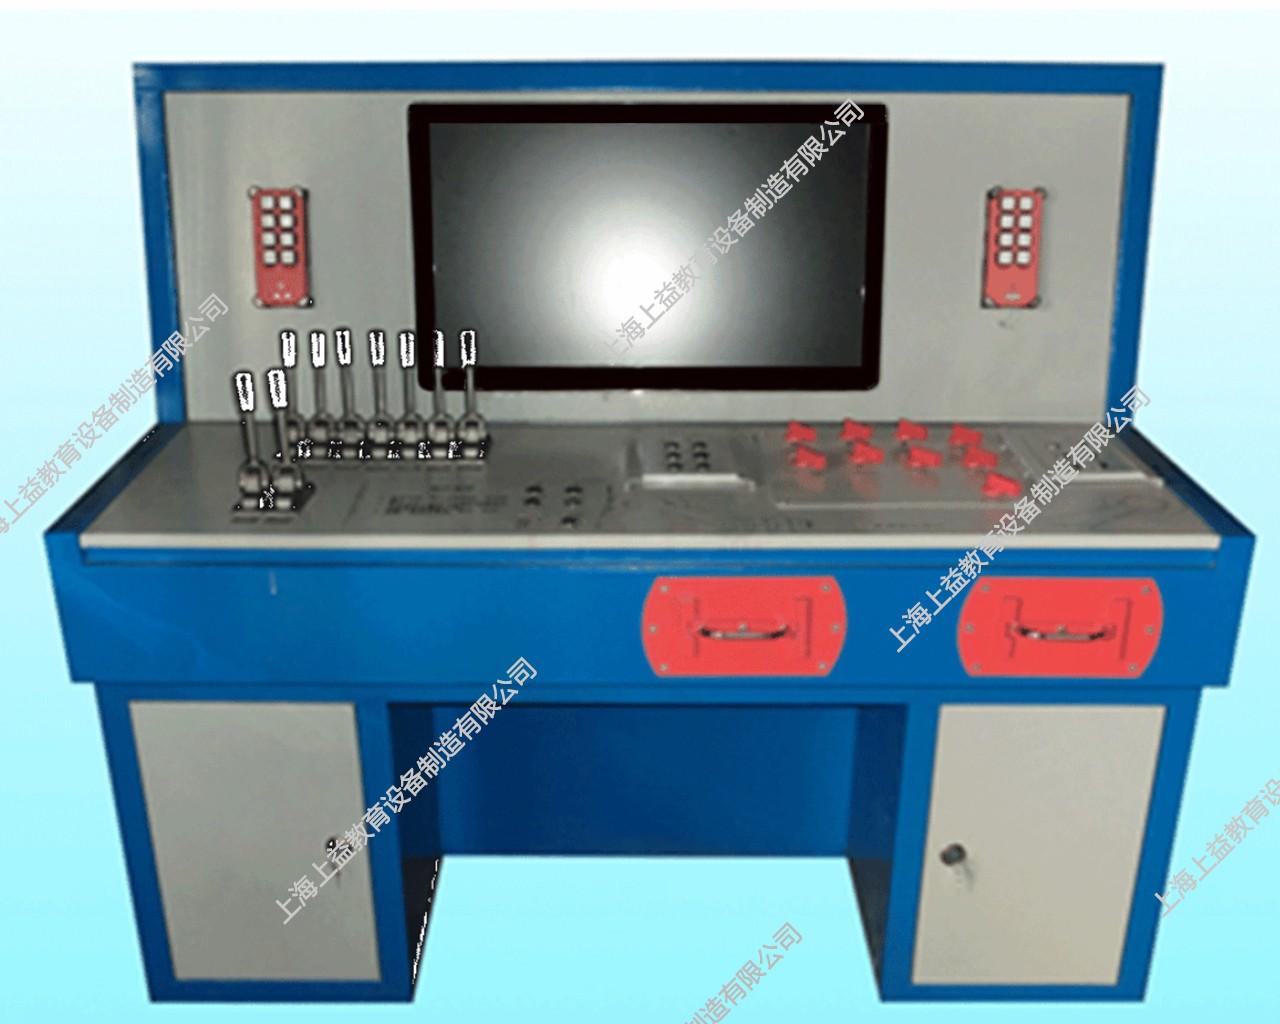 SYMAT-04A综采工作面配套设备智能操作模拟装置